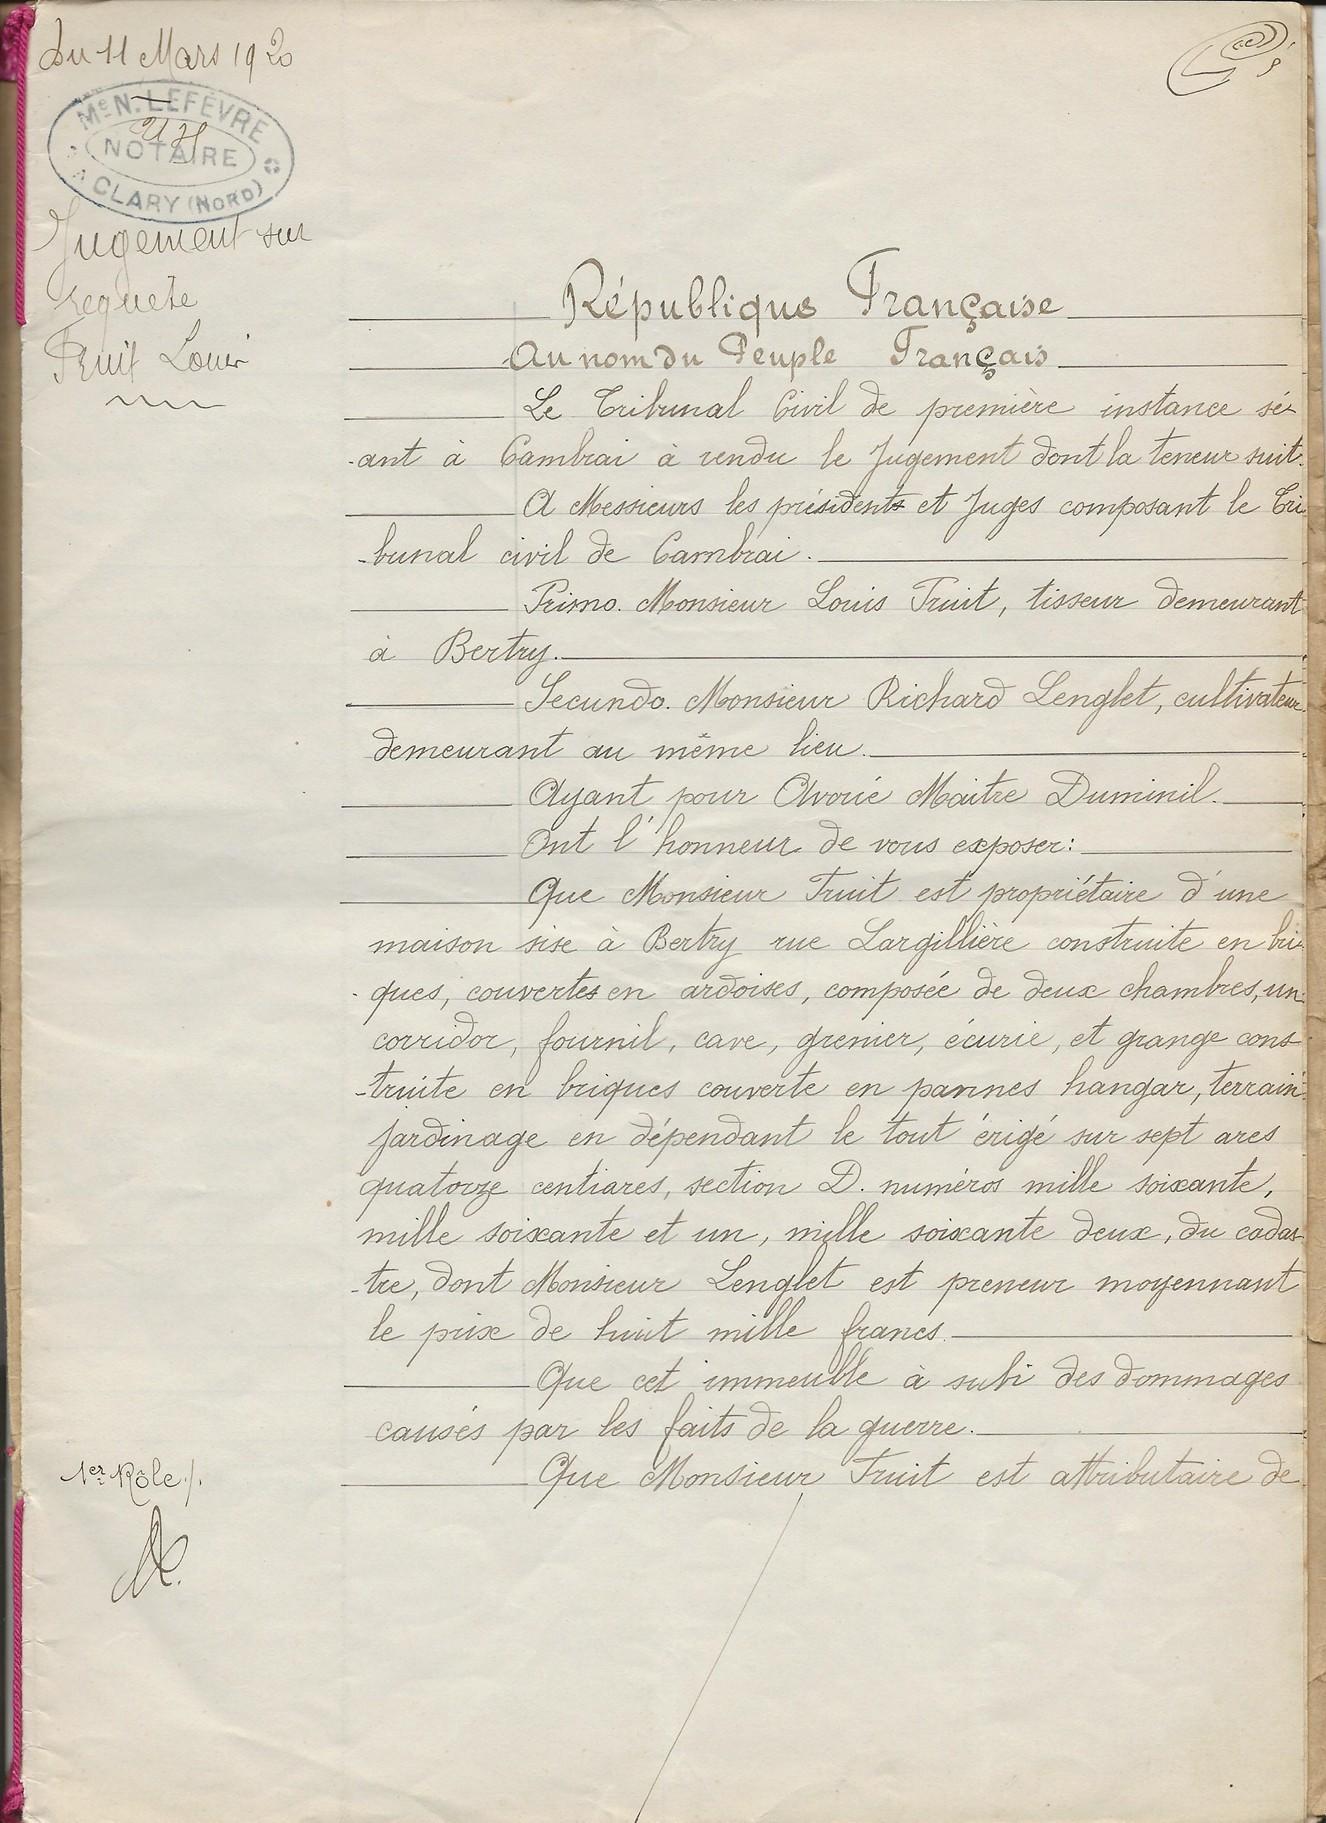 1920 vente fruit pruvot a lenglet hiboux 008